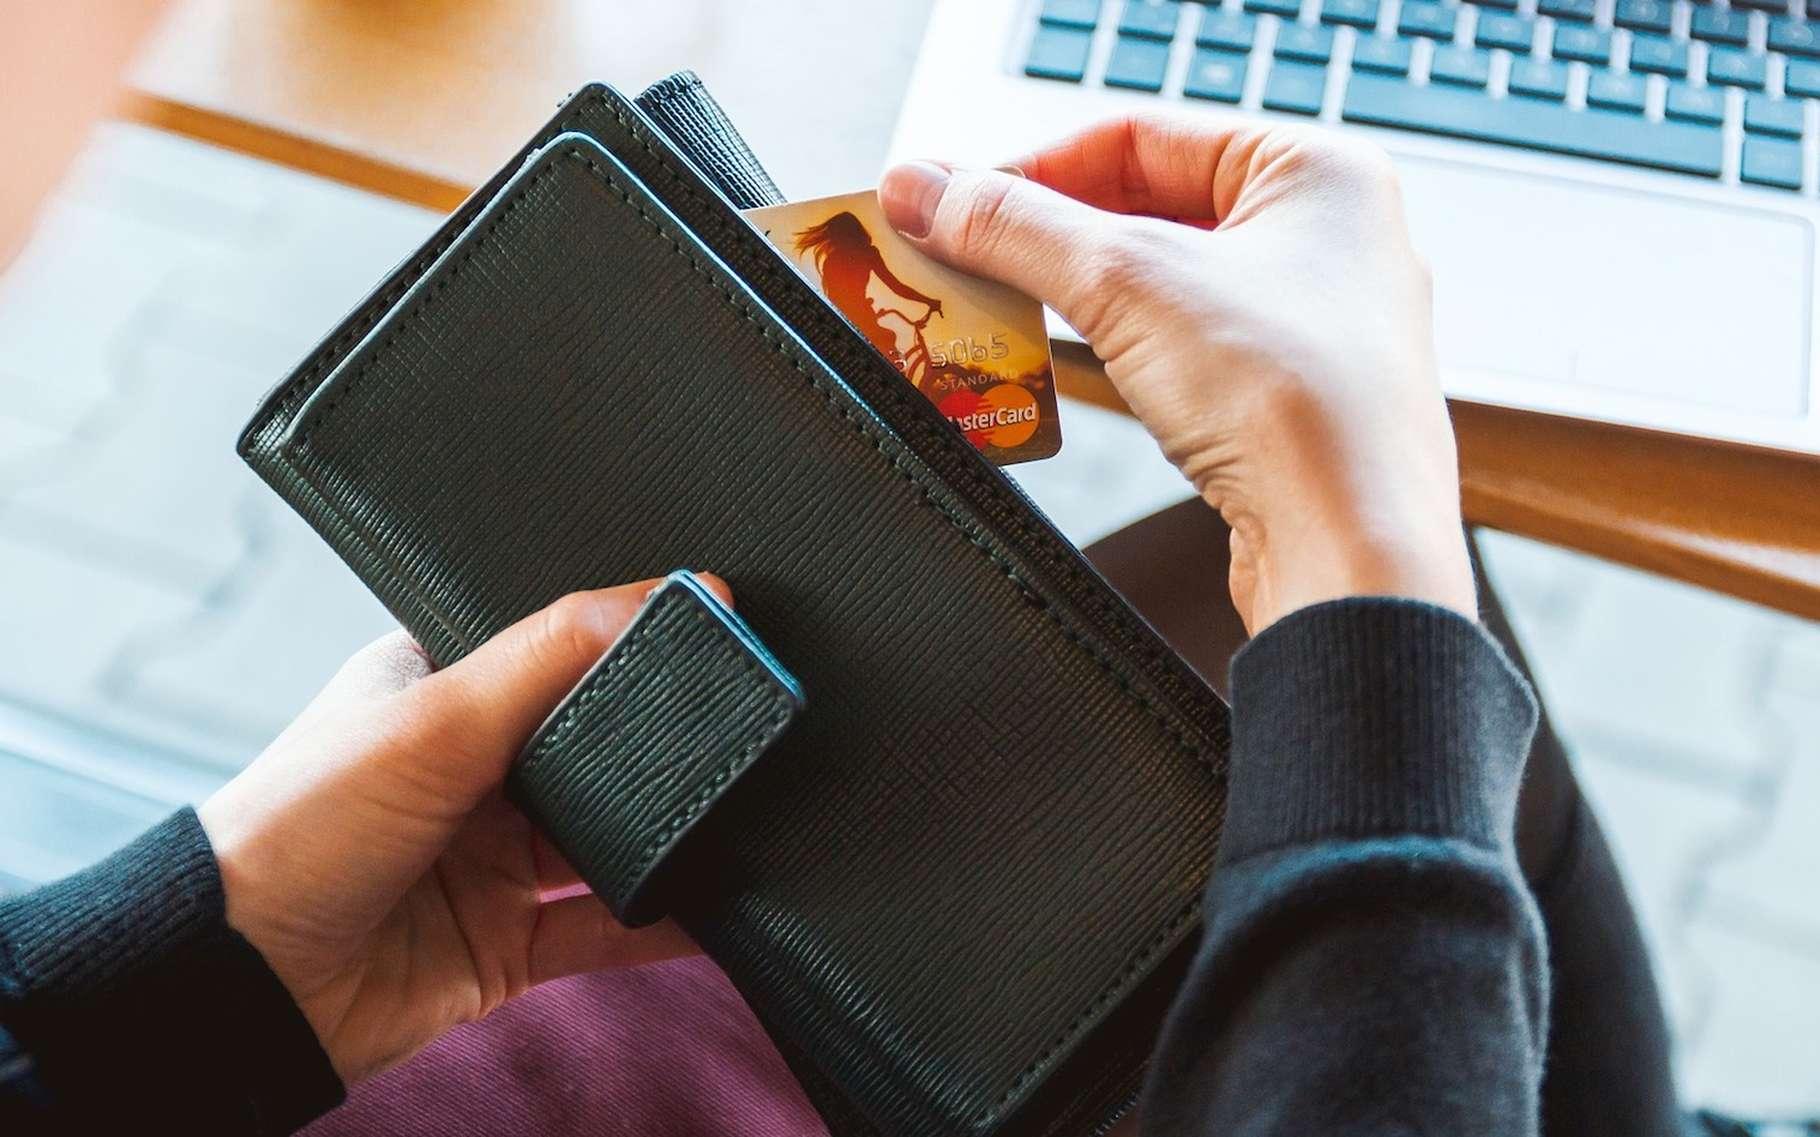 Les banques en ligne respectent les mêmes règles que les banques traditionnelles. Ouvrir un compte en ligne ne présente donc pas de risque particulier. © JESHOOTS, Pixabay, CC0 Public Domain